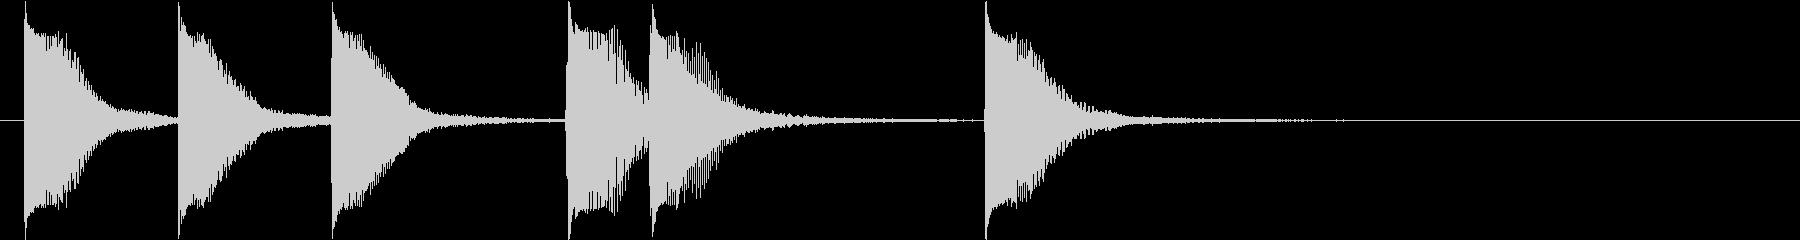 ピアノジングル 幼児向けアニメ系A-01の未再生の波形